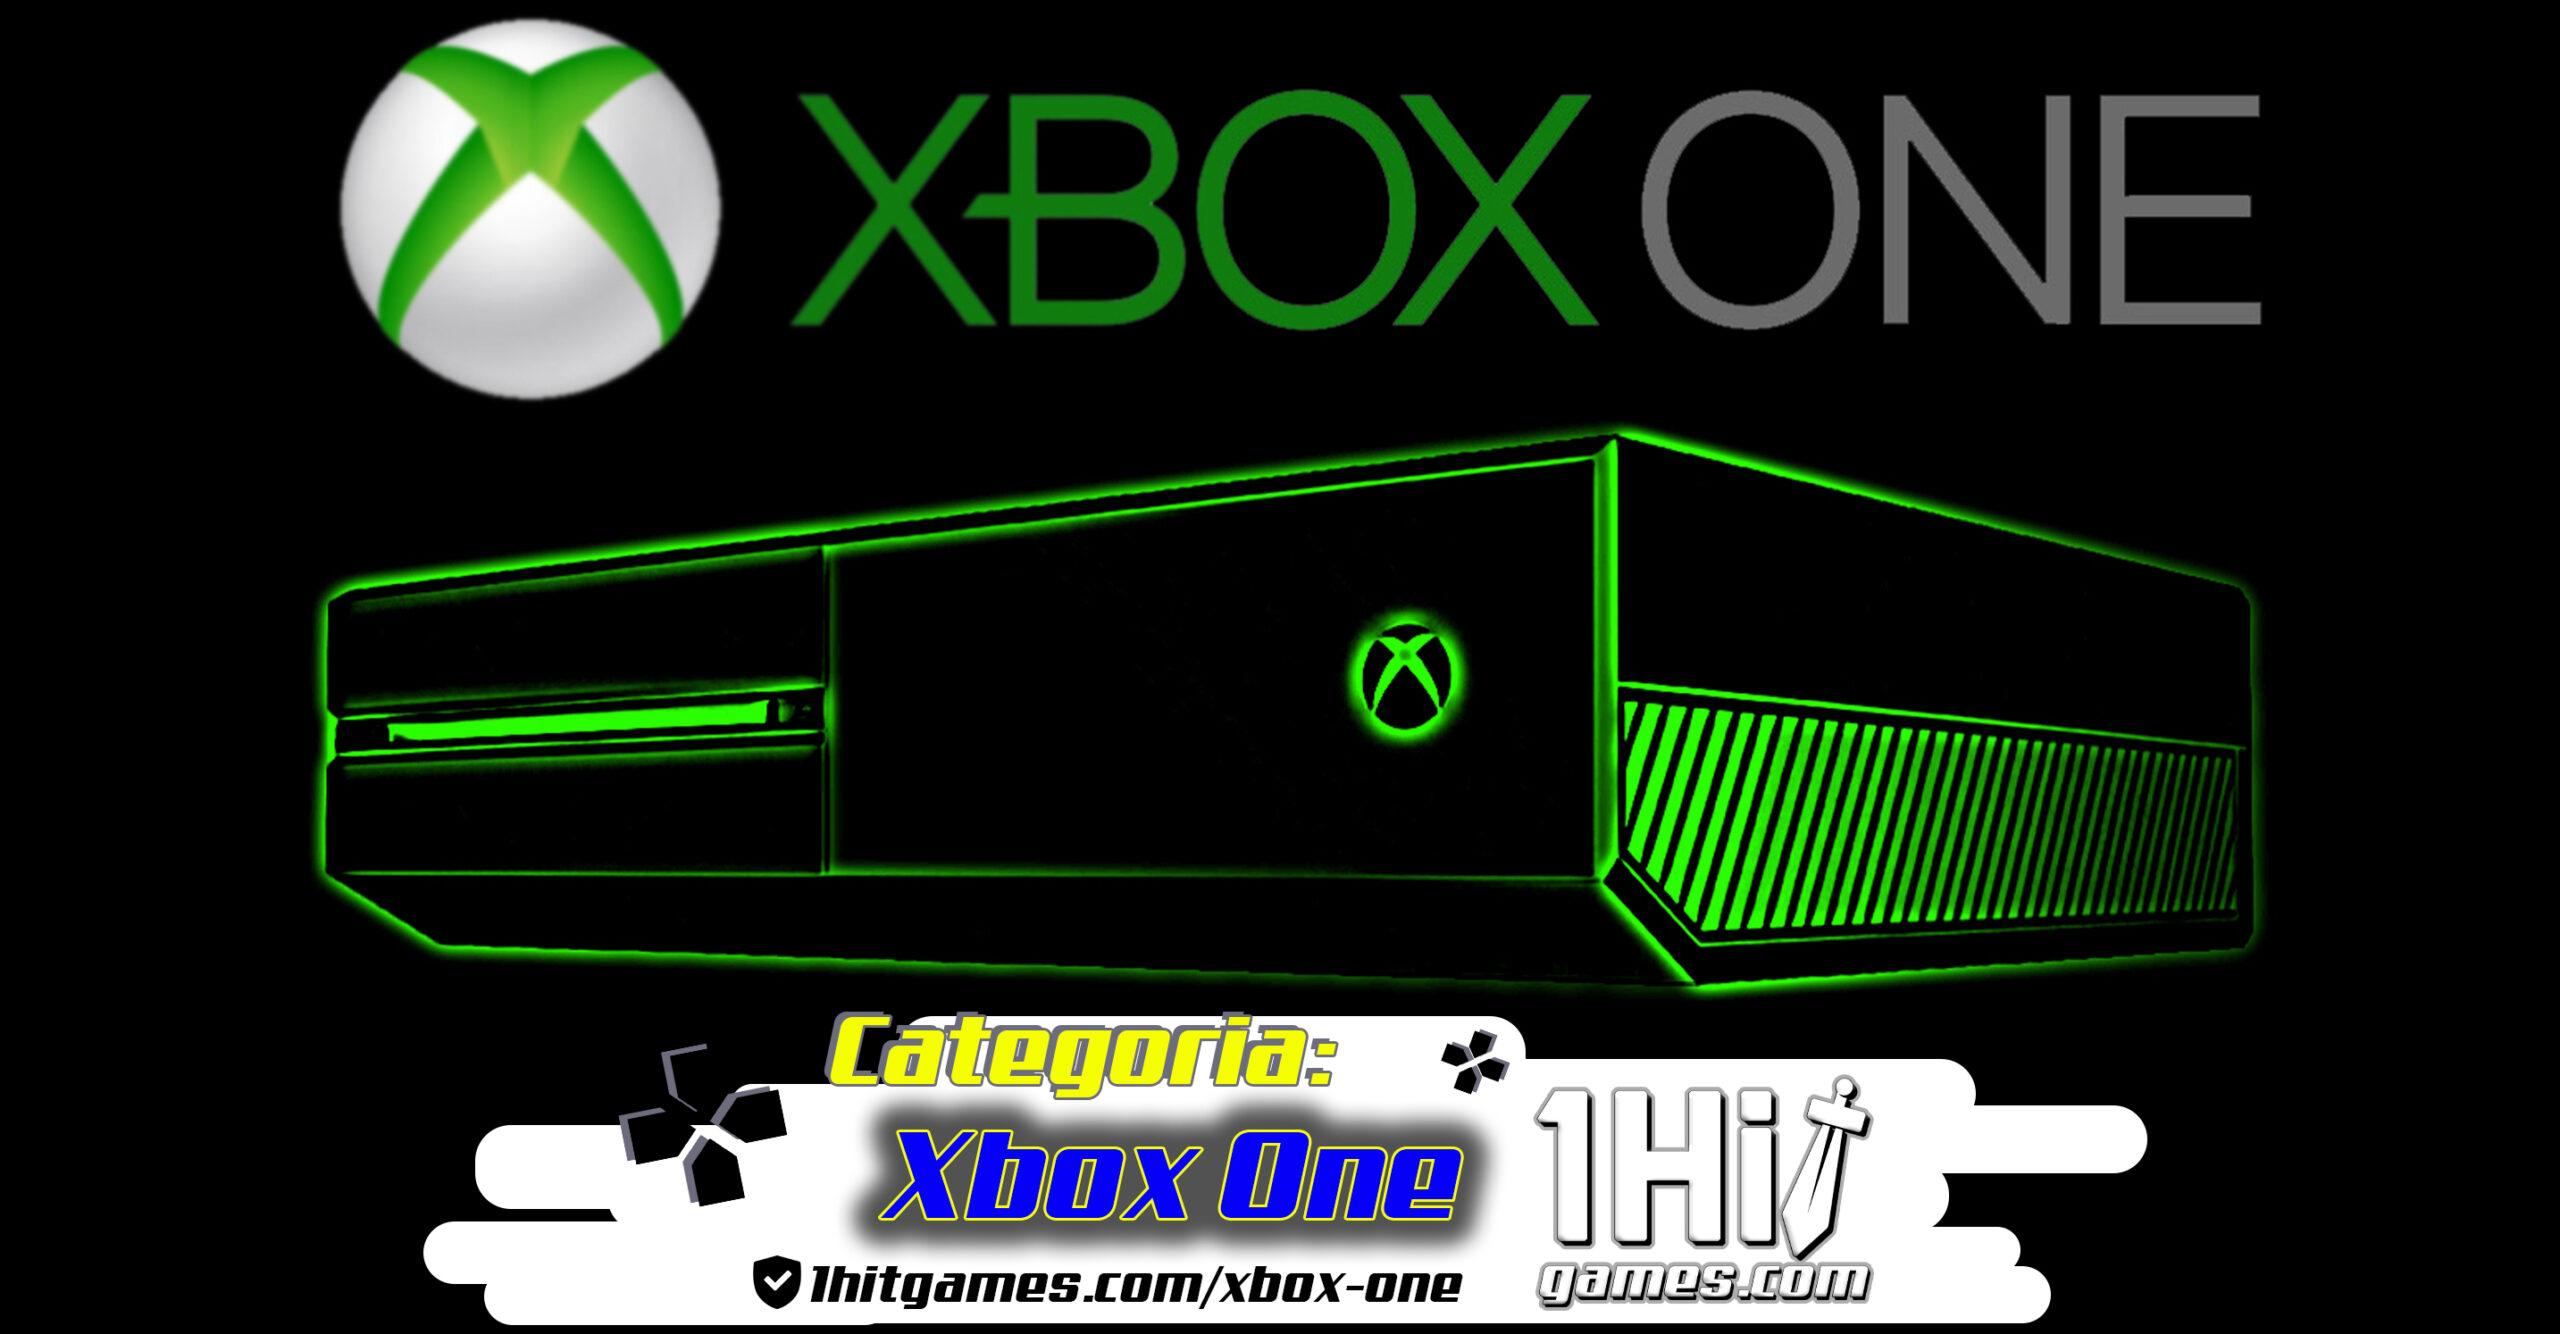 xboxone games 1hitgames jogos eletronicos categorias 1hit